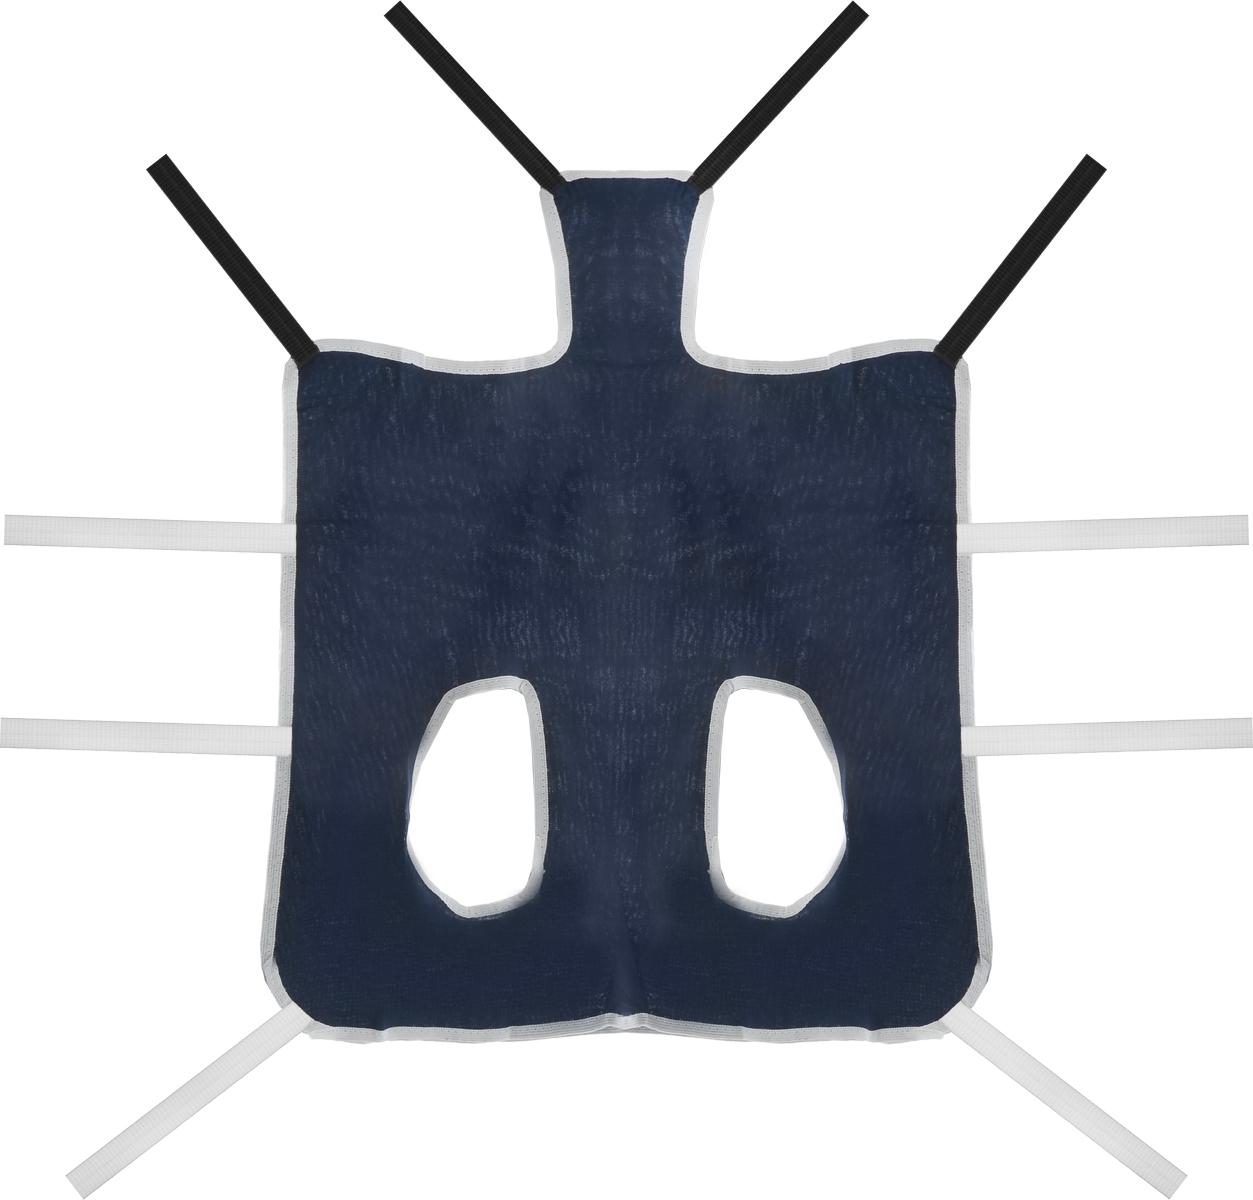 Попона послеоперационная Collar, цвет: темно-синий, белый. Размер 367752Послеоперационная попона для собак Collar выполнена из высококачественного текстиля, благодаря чему хорошо вентилируется. Применяется при перевязке животных. Один слой плотной ткани помогает достичь надежной изоляции раны. Закрепляется при помощи завязок. Обхват груди: 53-80 см. Длина по спинке: 56 см.